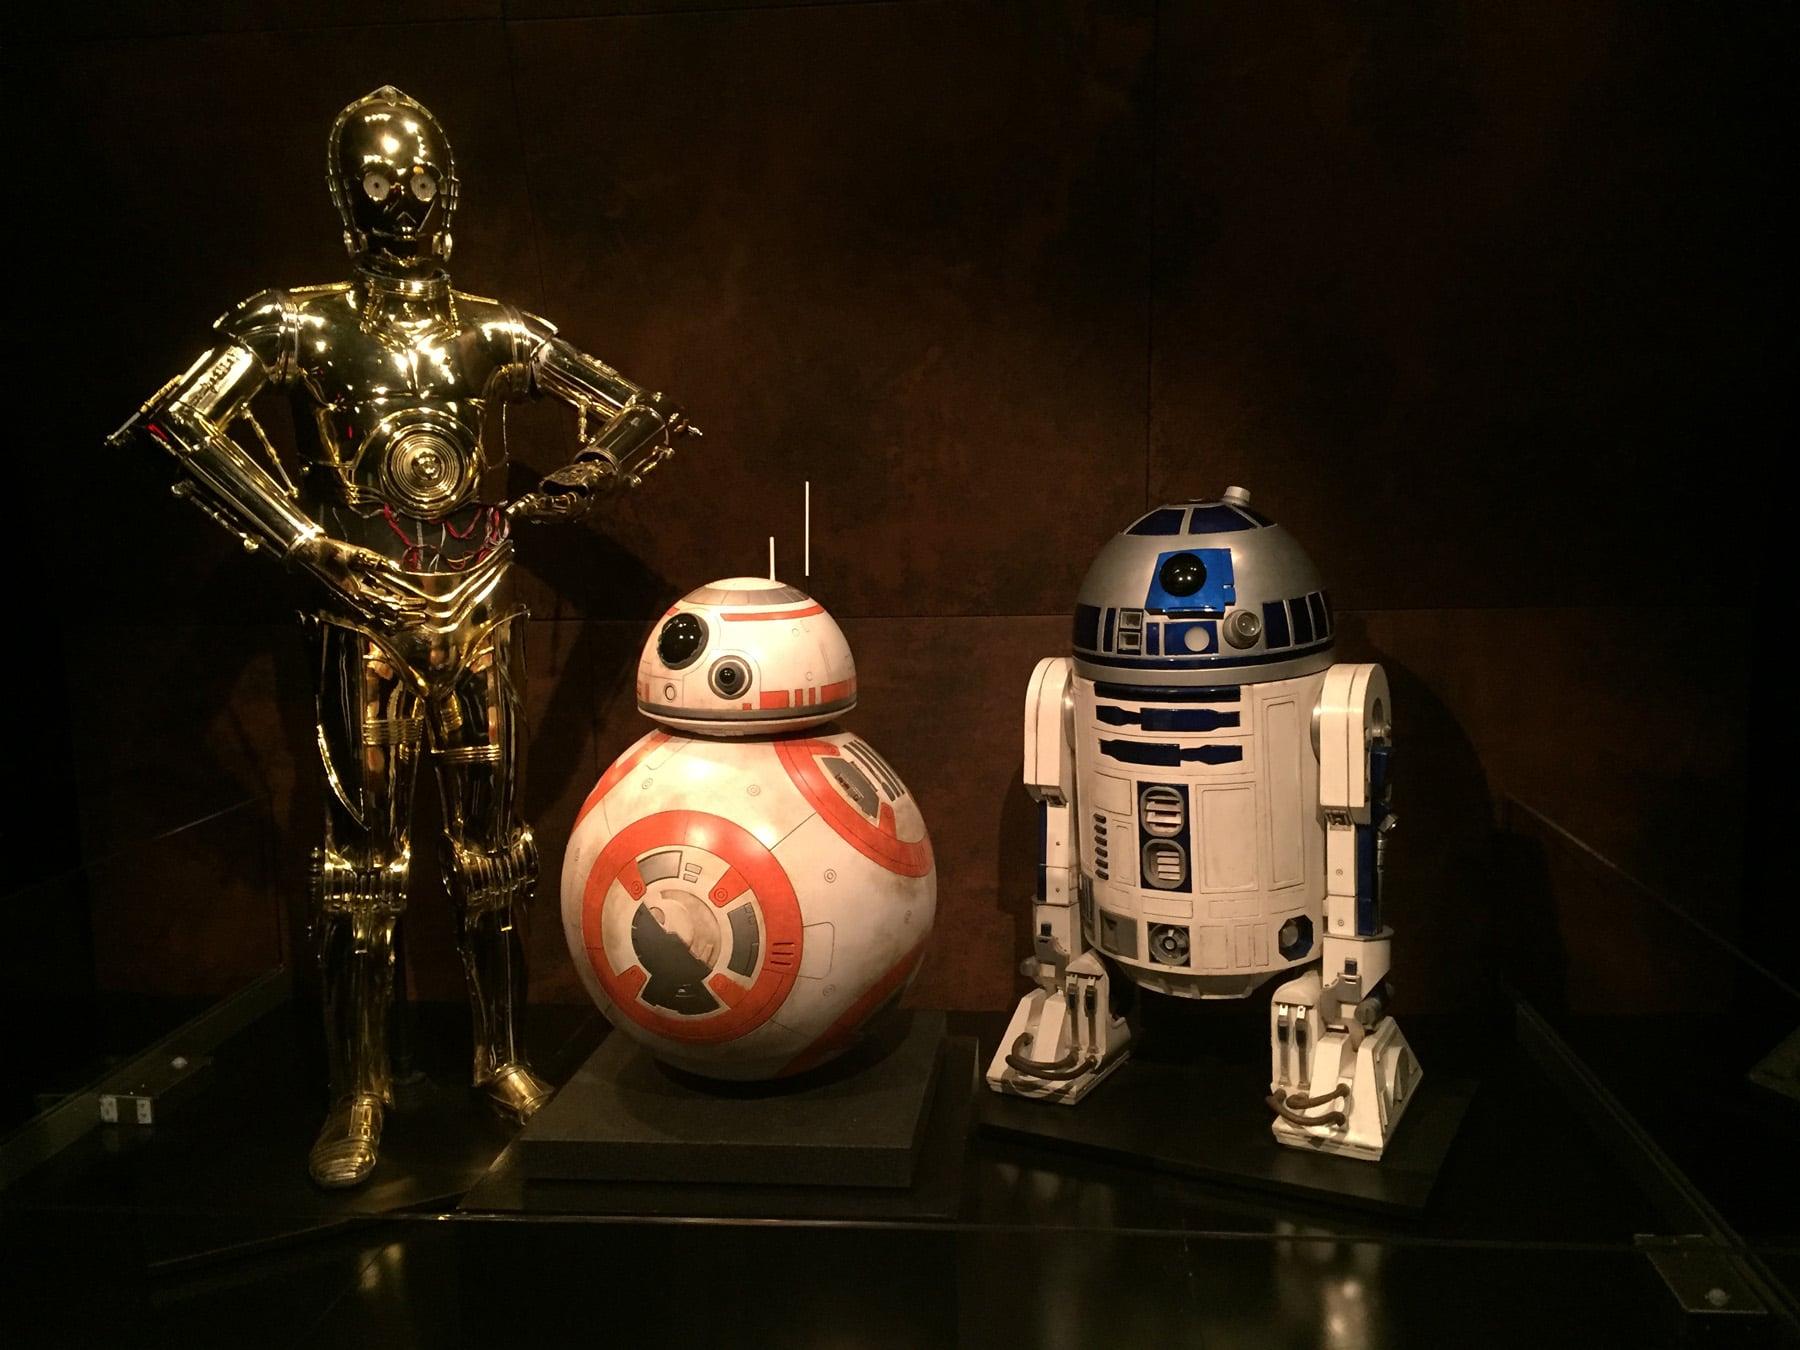 Star Wars Droids R2-D2 C-3PO BB-8